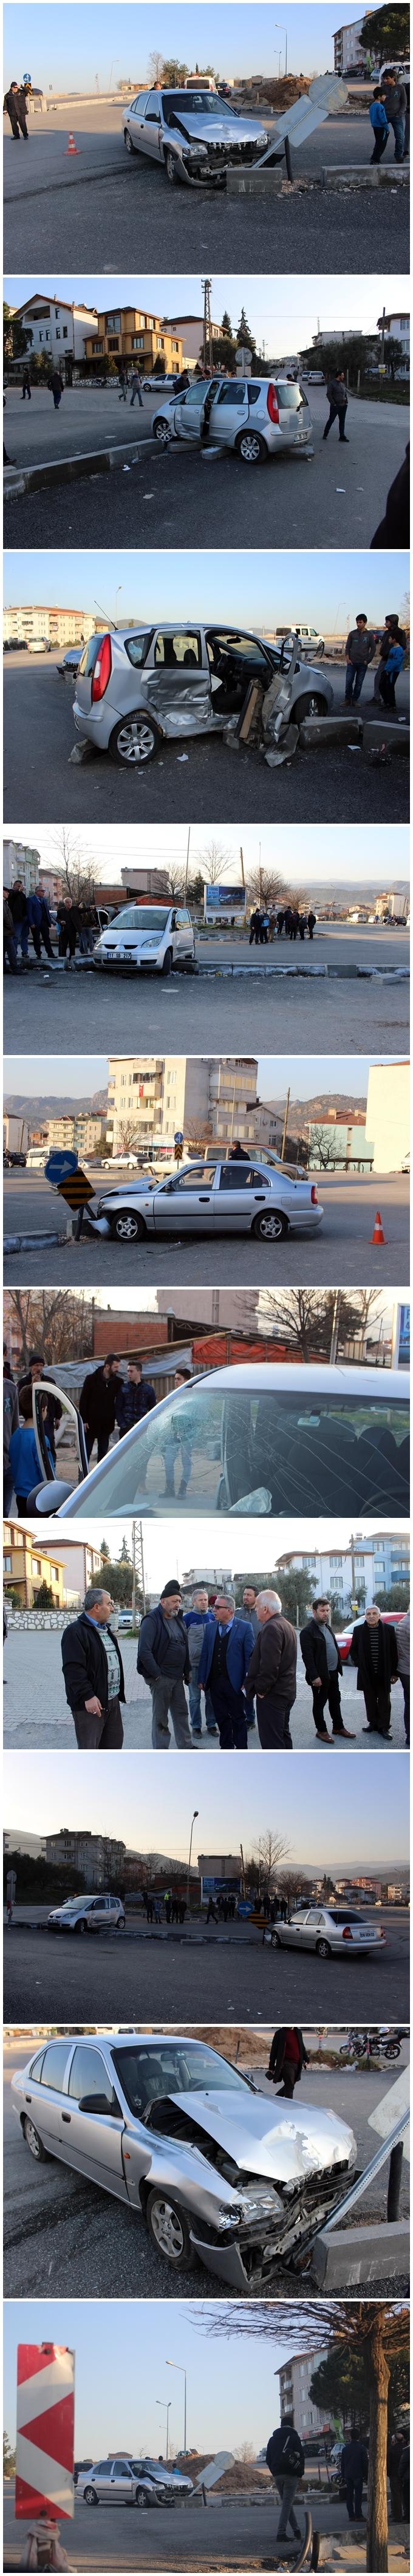 osmaneli-trafik-kazasi.jpg